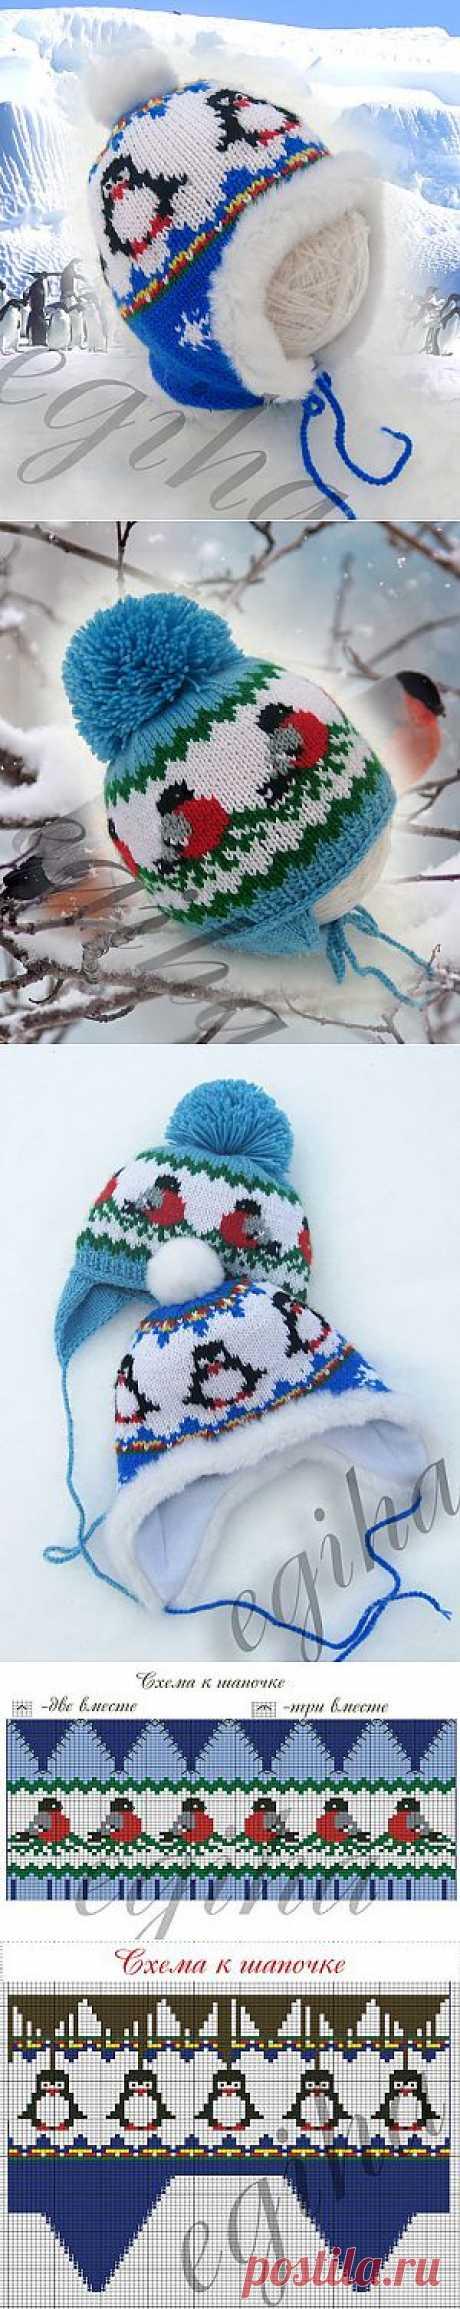 Вяжем детям шапочки от Елены Жигановой | Вяжем с Ланой